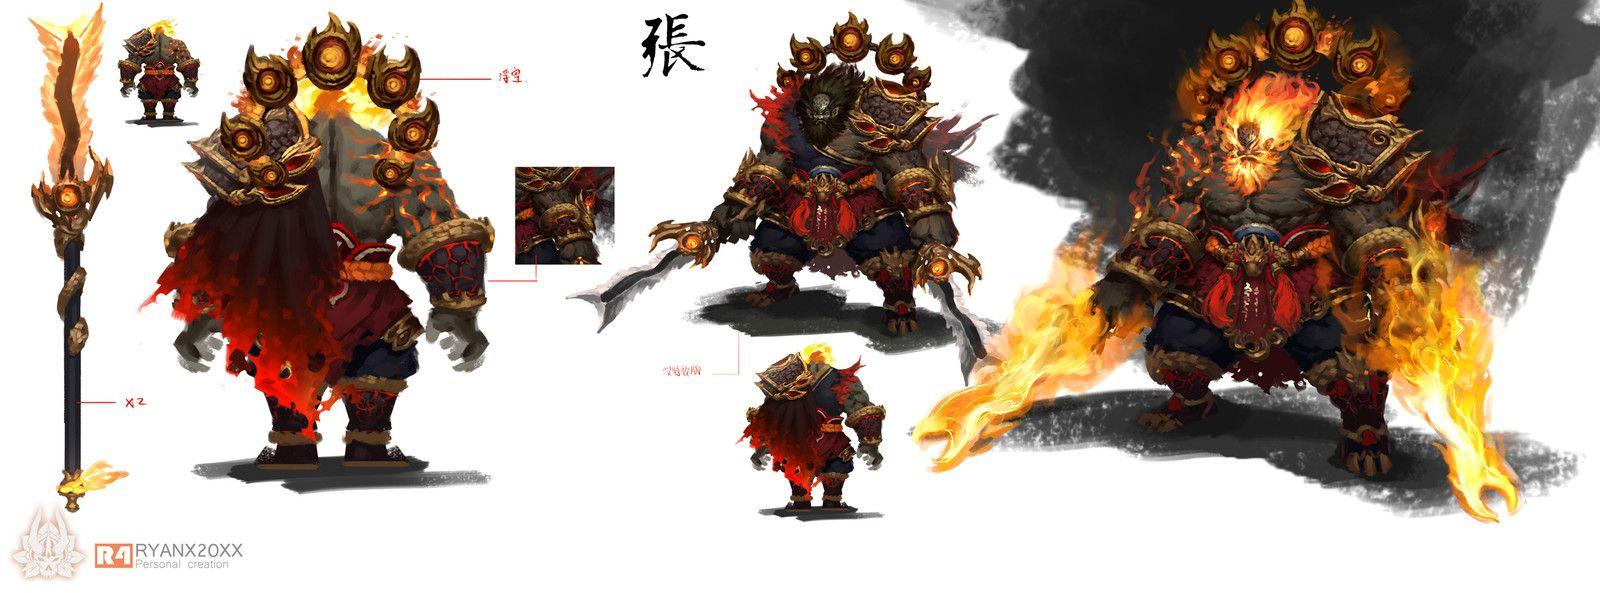 ZhangFei2, KaiHua Xie on ArtStation at https://www.artstation.com/artwork/zhangfei2